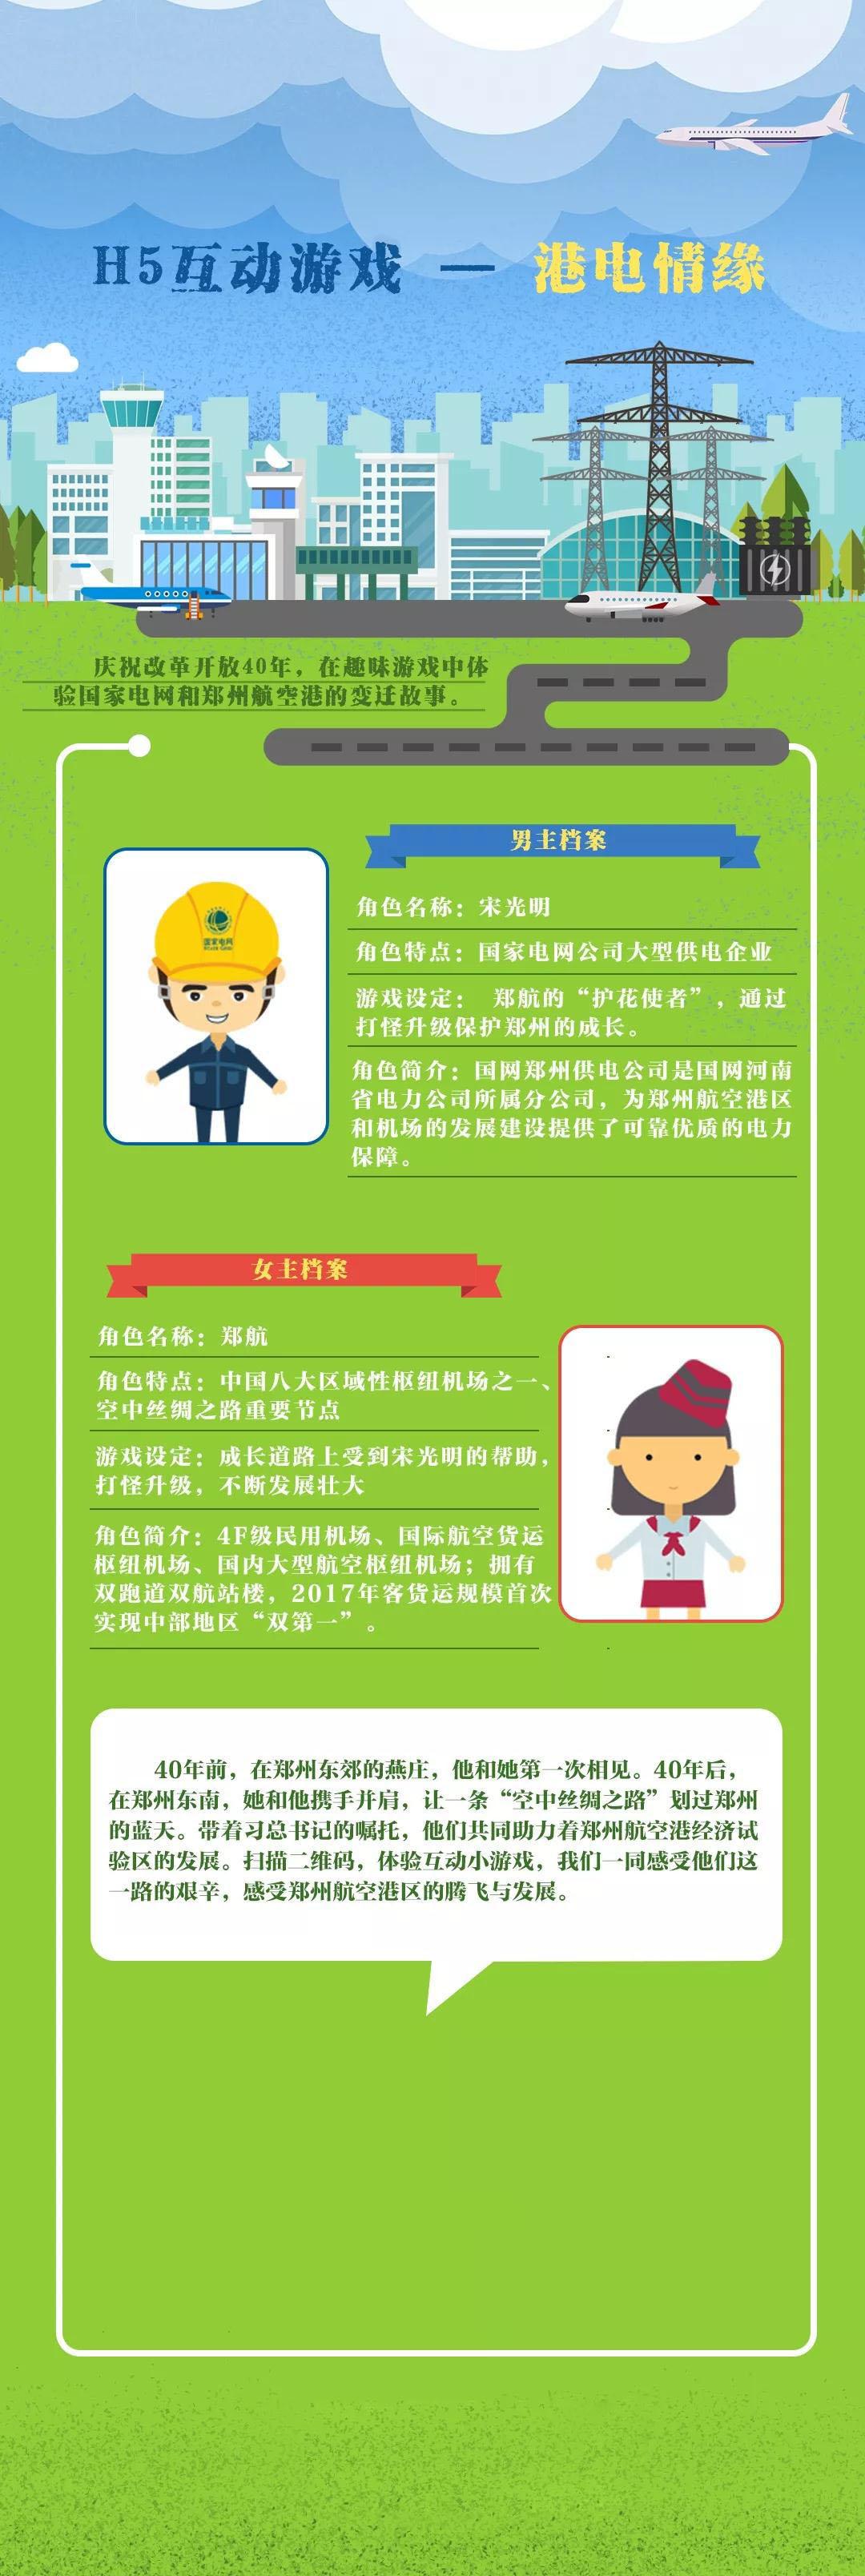 港电情缘小游戏:感受郑州航空港区的腾飞与发展